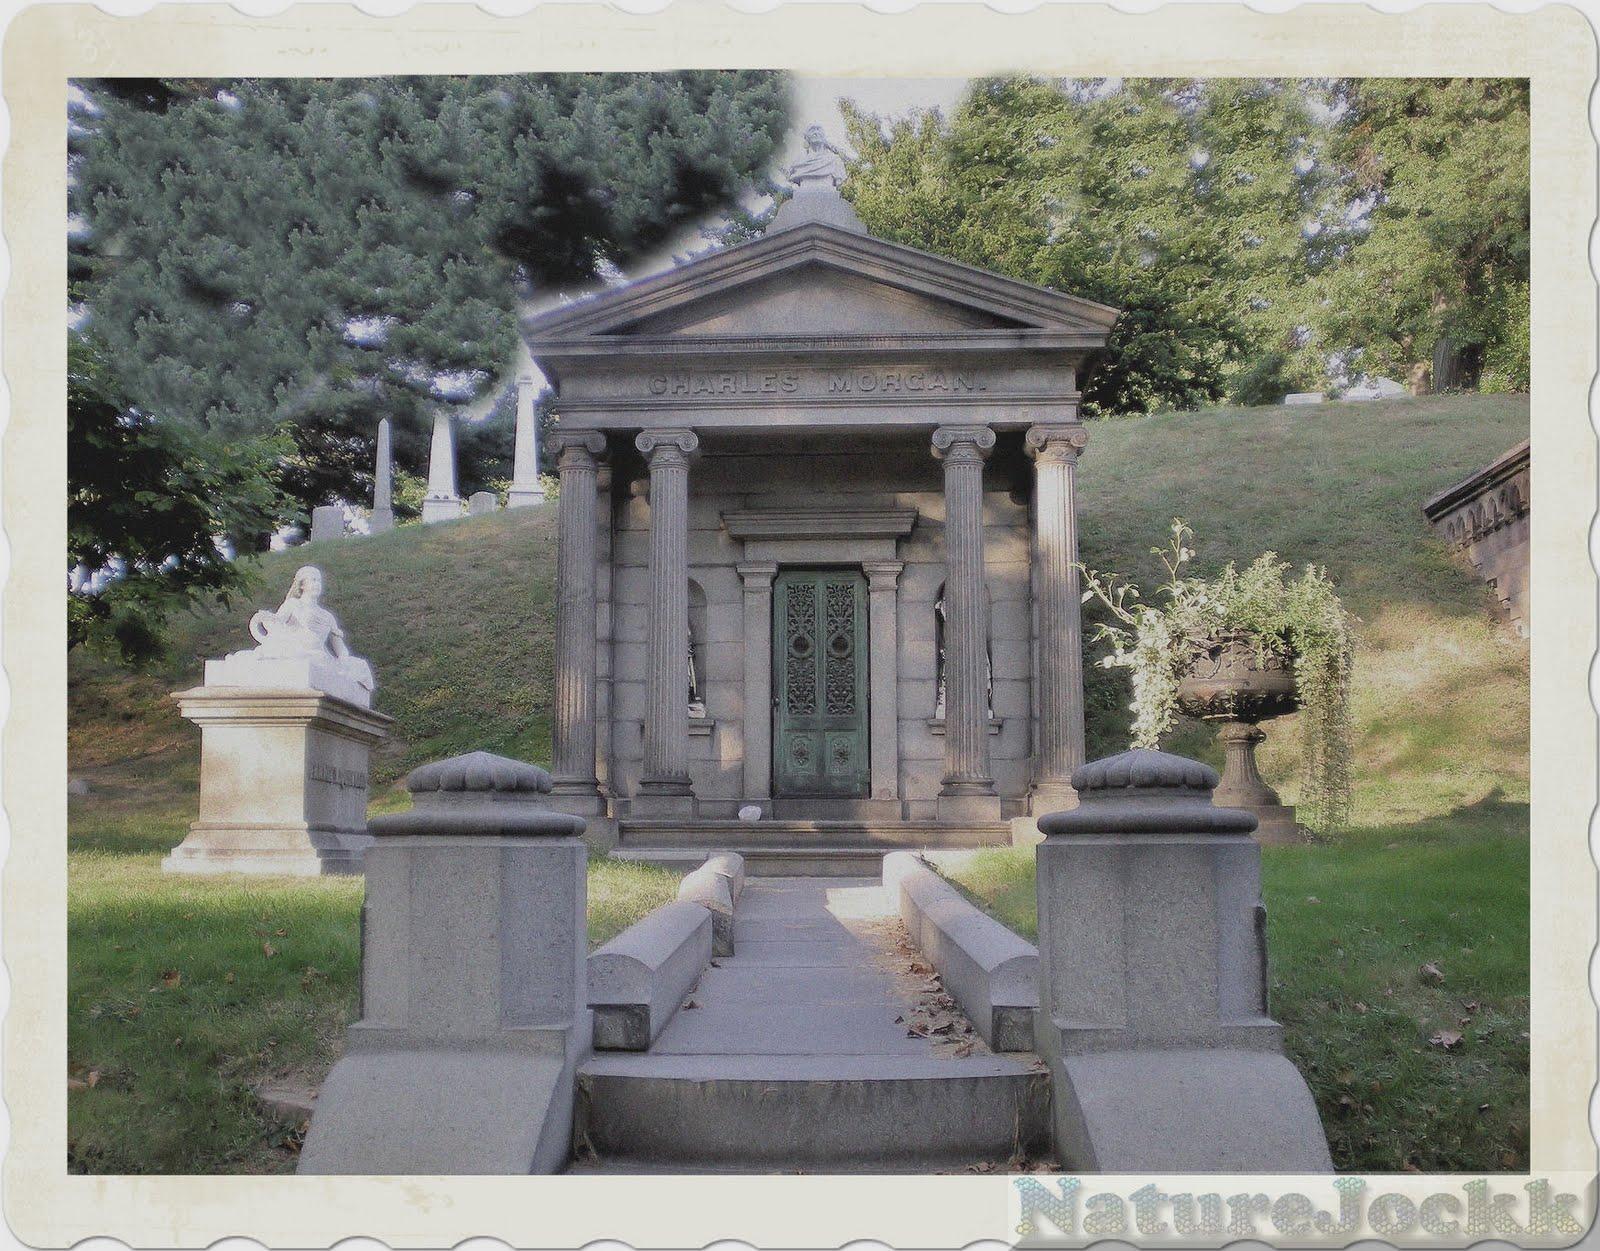 http://2.bp.blogspot.com/_6ANko4sjweM/SxPsNSRPAGI/AAAAAAAAXLQ/SMnZQepoiTA/s1600/Statues_5_ceetary.jpg